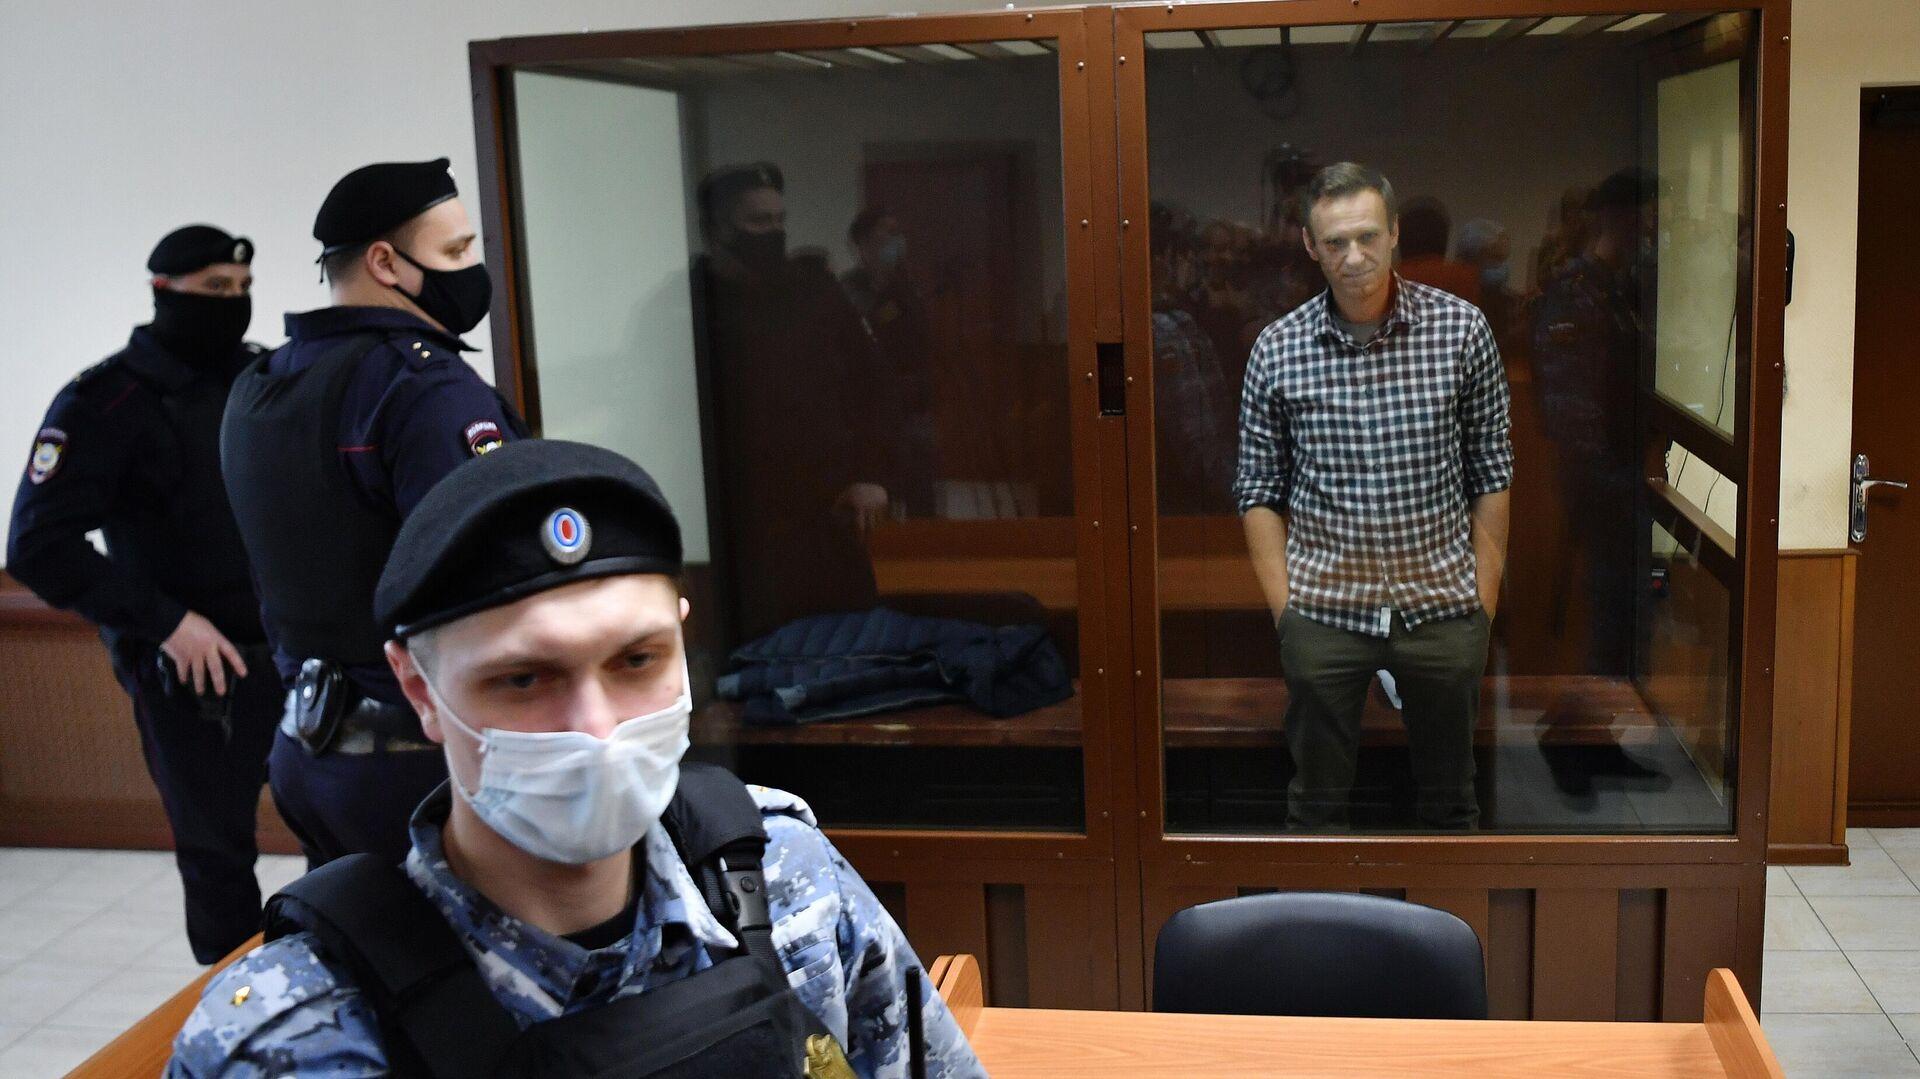 Алексей Навальный в зале Бабушкинского районного суда - РИА Новости, 1920, 28.02.2021